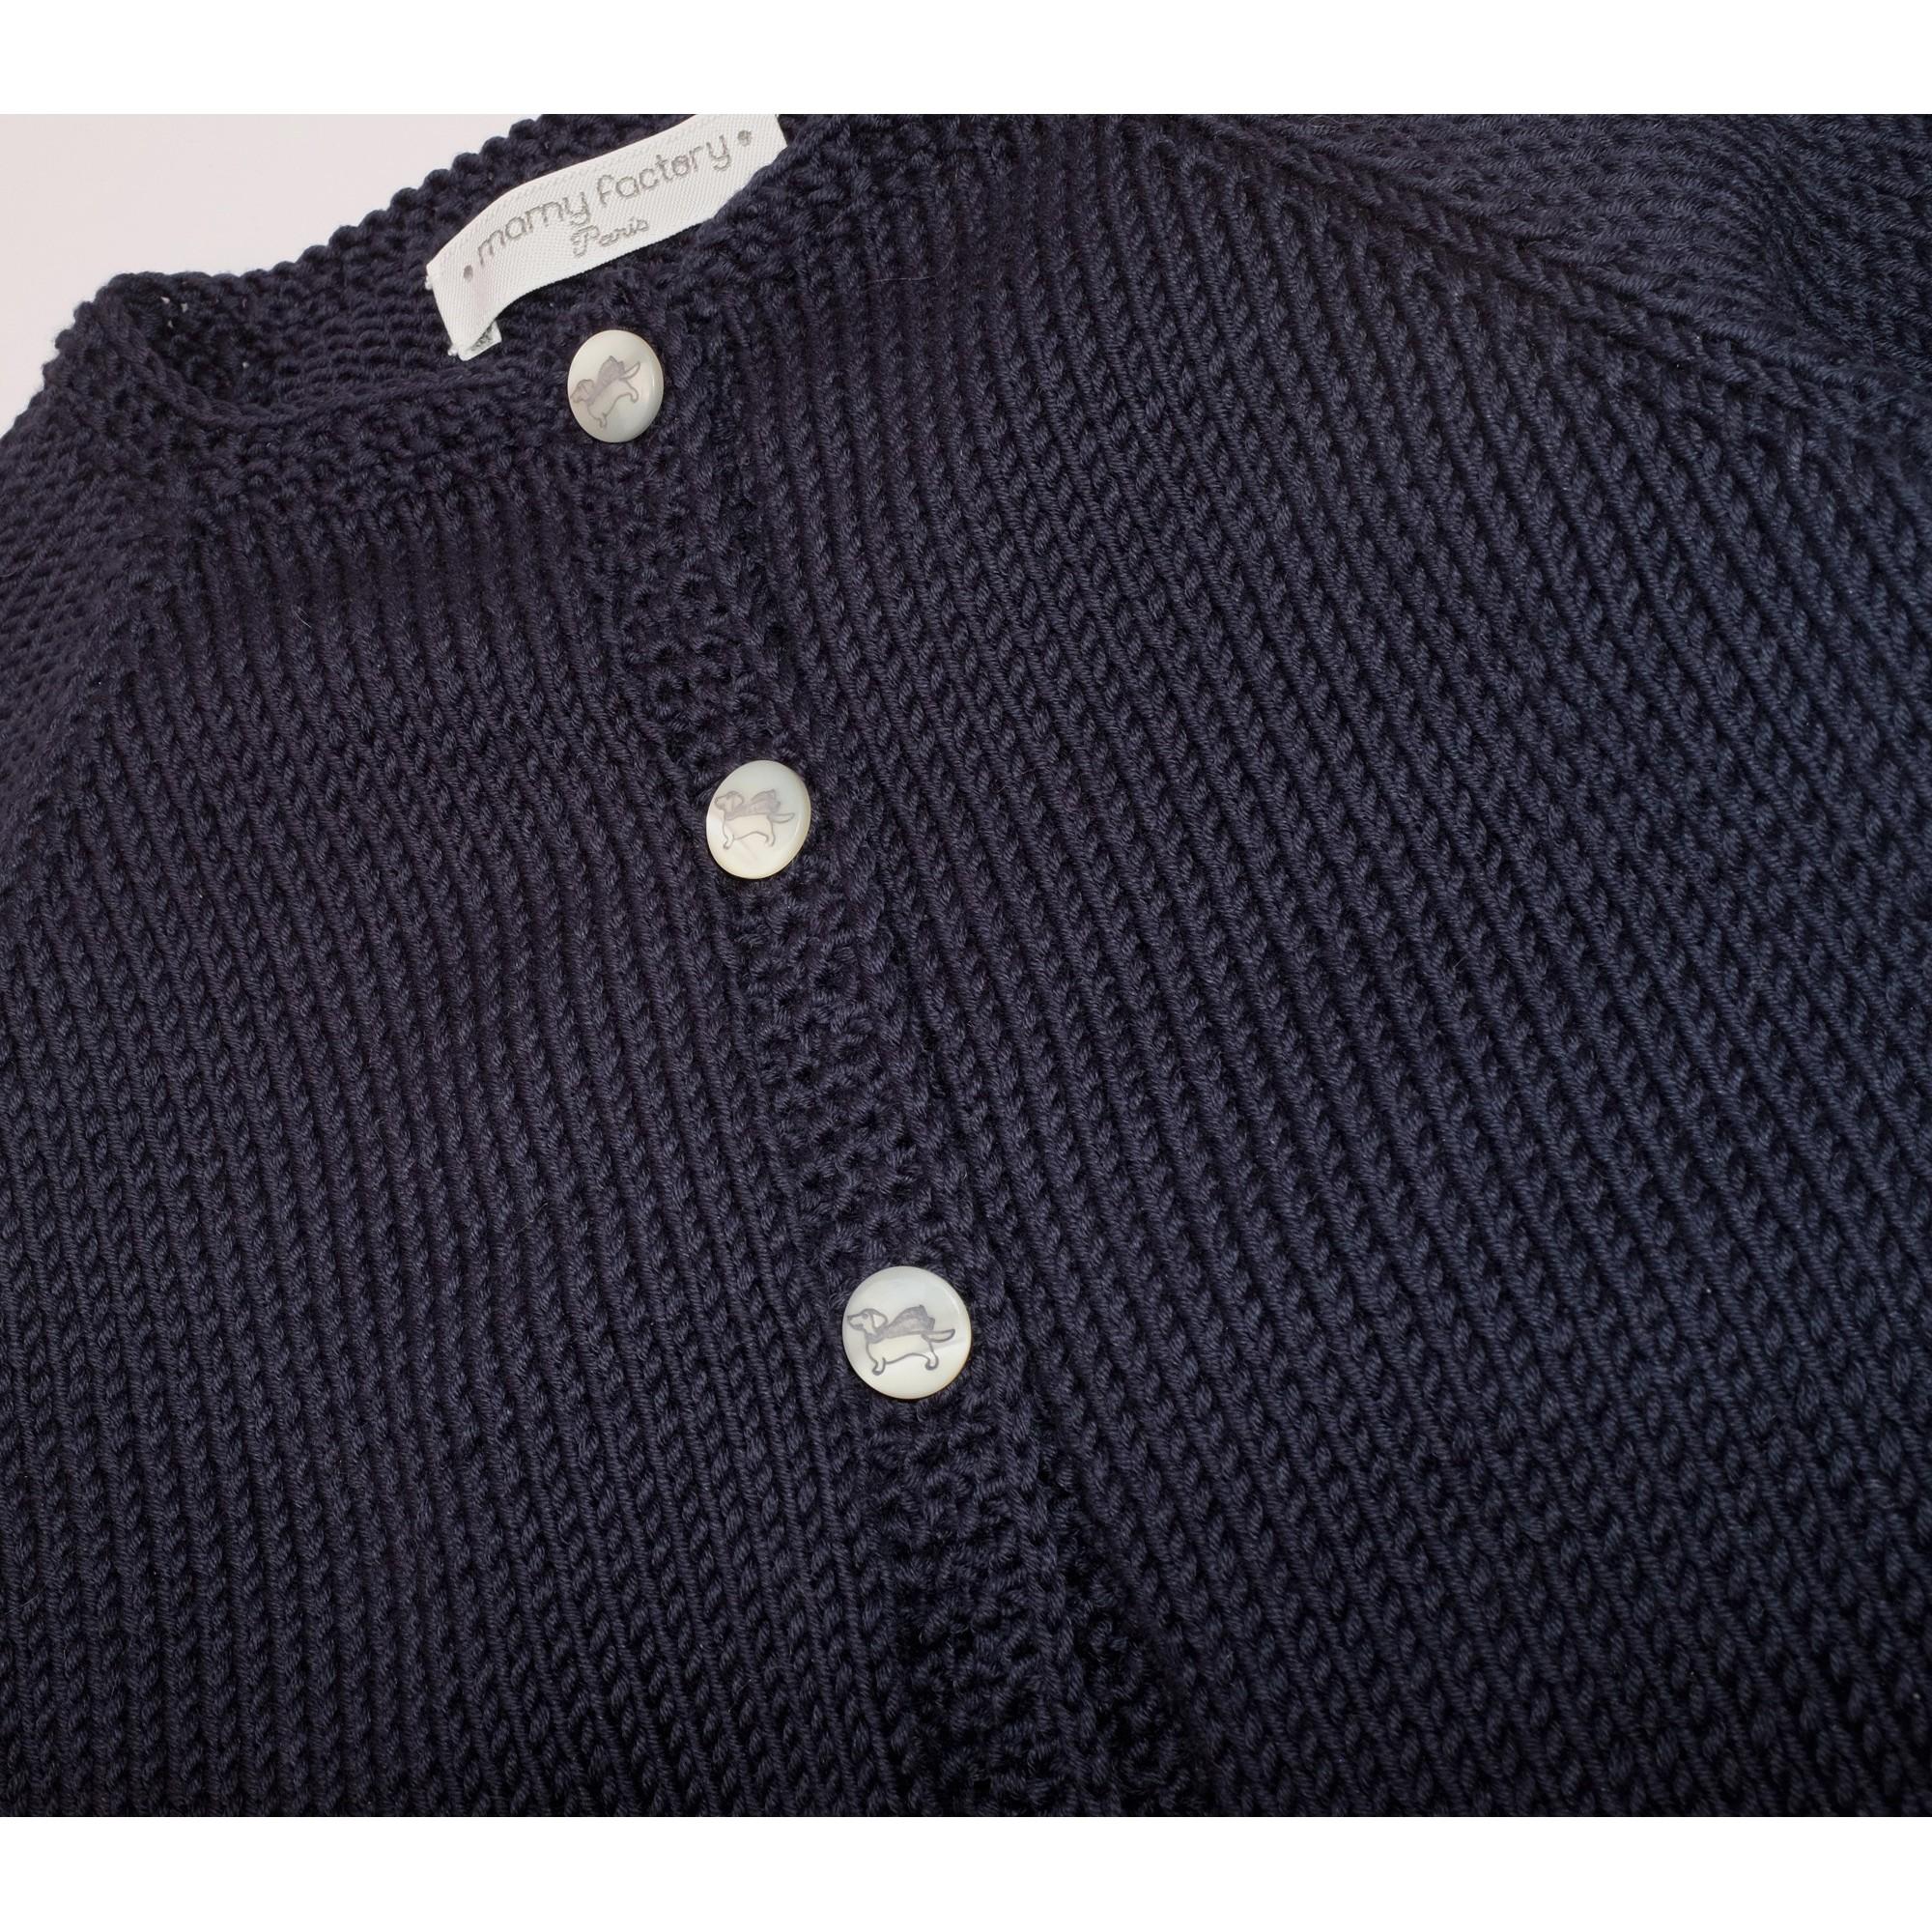 Gilet Marie-Louise bleu marine coton détail 2